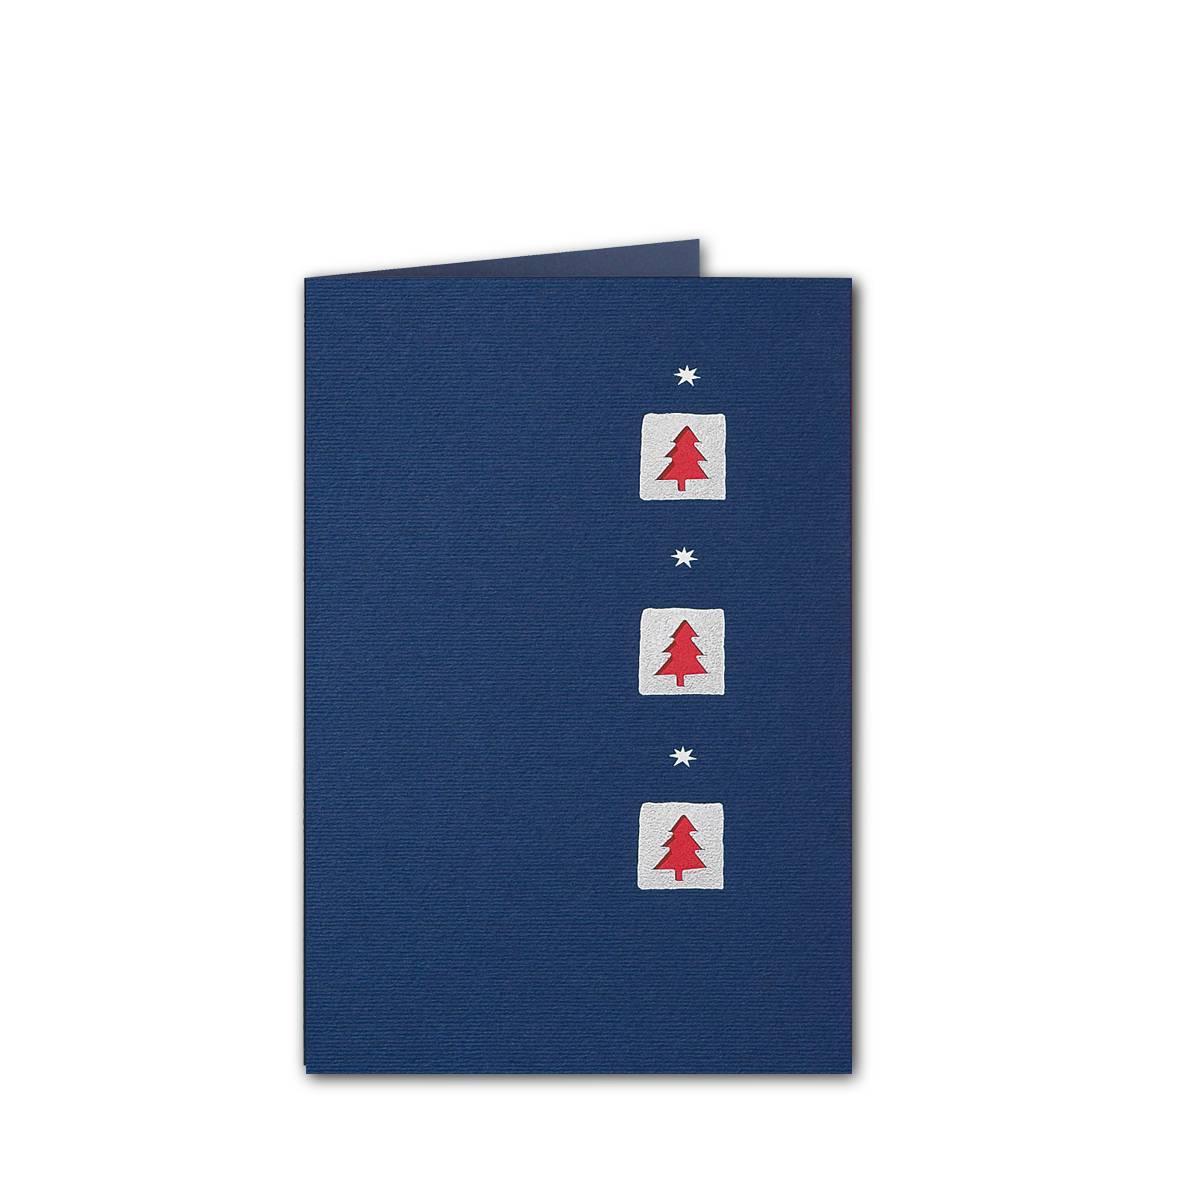 Einlegeblätter Für Weihnachtskarten.Weihnachtskarte Dunkelblauer Karton Folienprägung Silber Stanzung Rotes Einlegeblatt